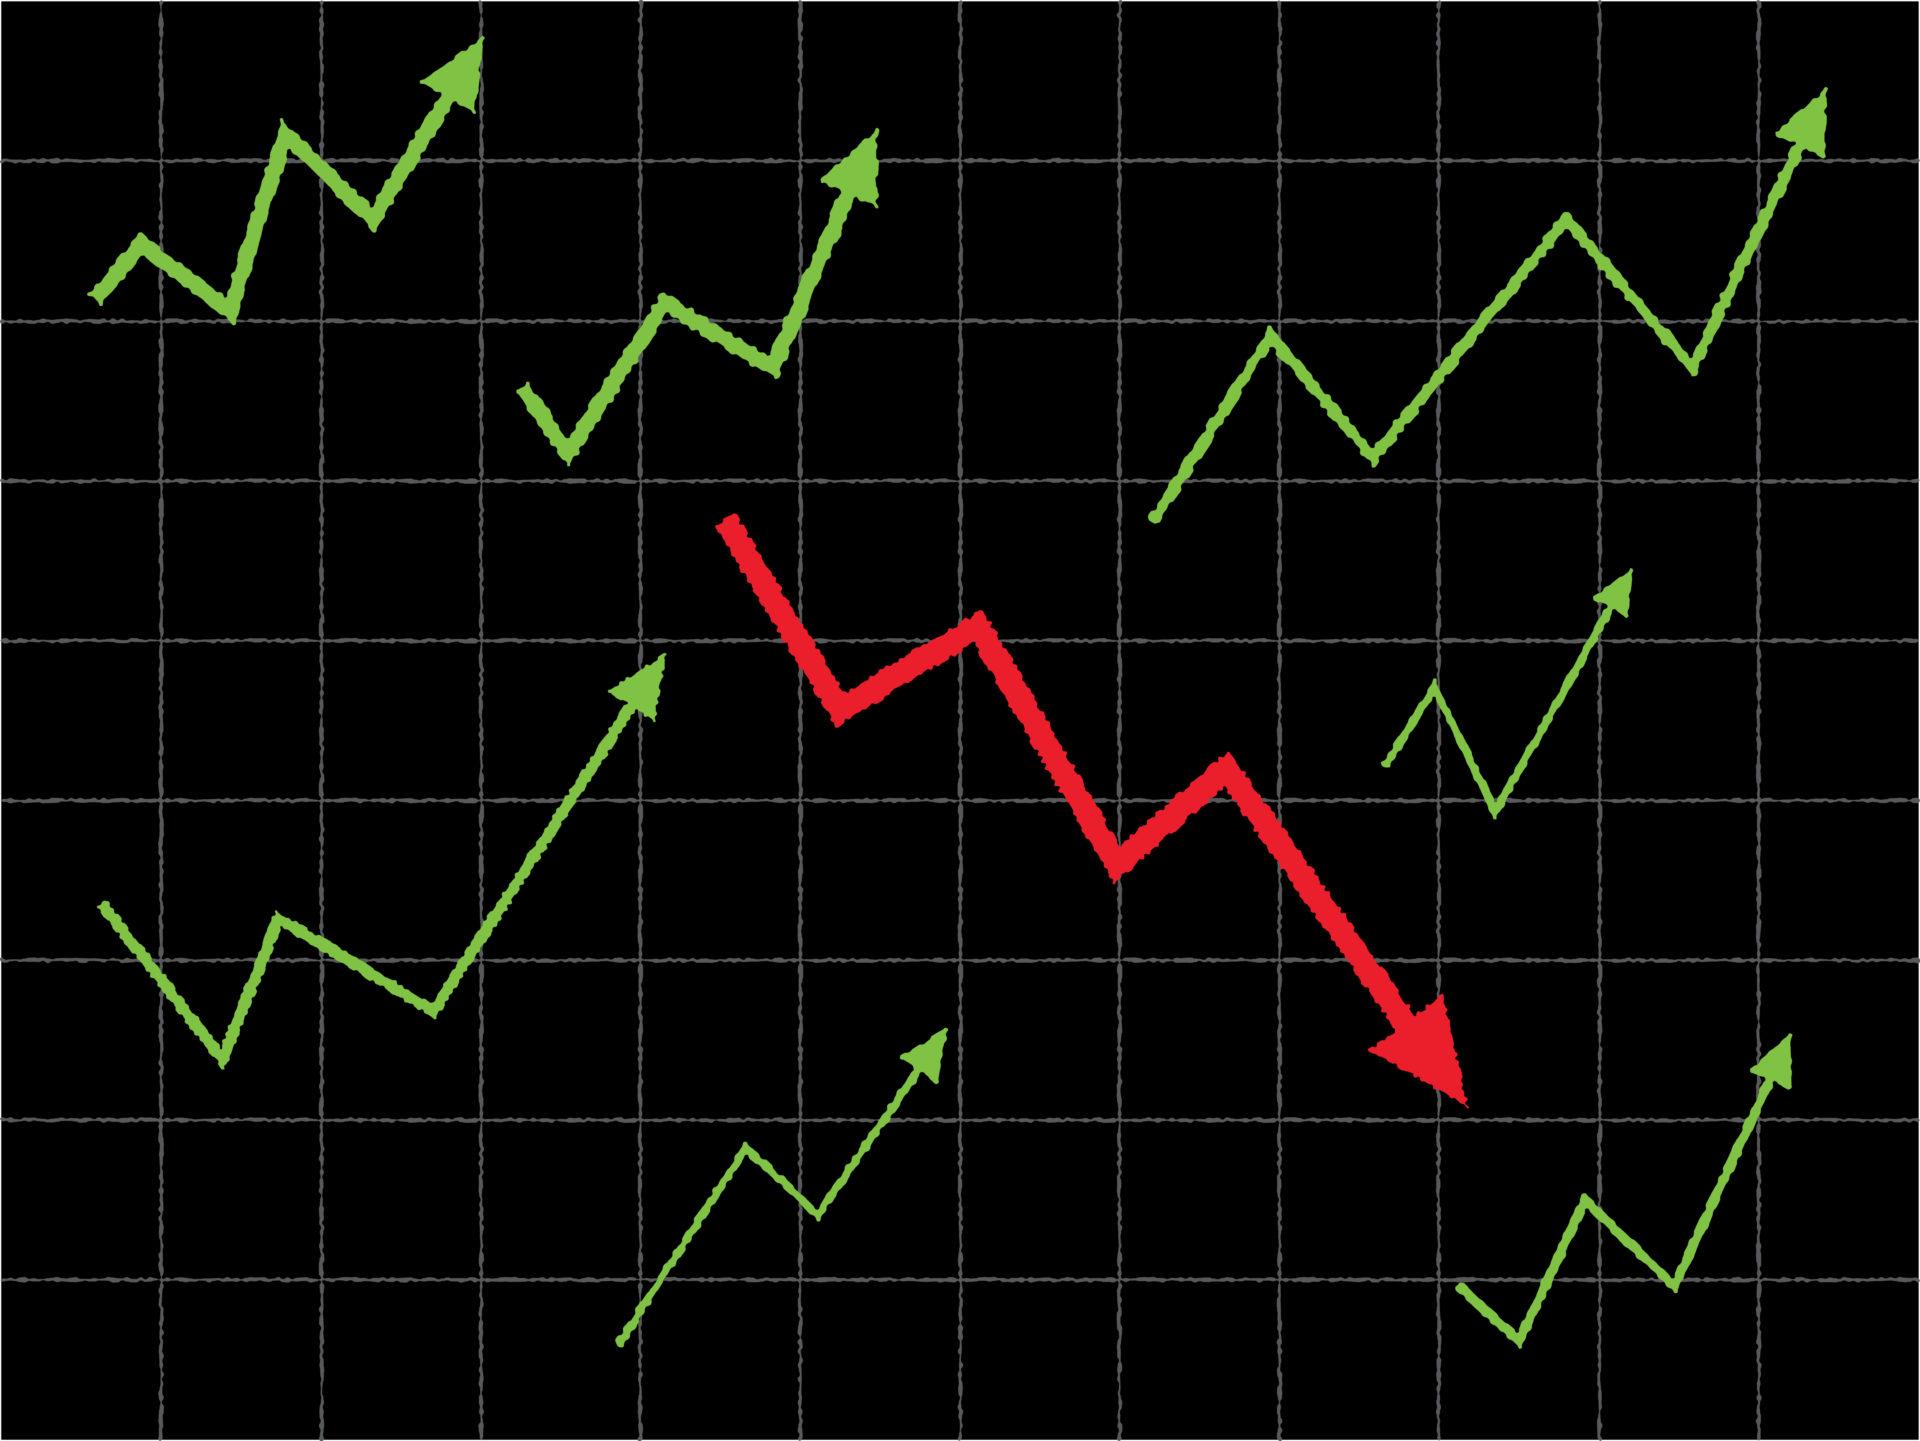 VIX Calls - Trade Idea #2 - Trading Coach - Learn To Trade